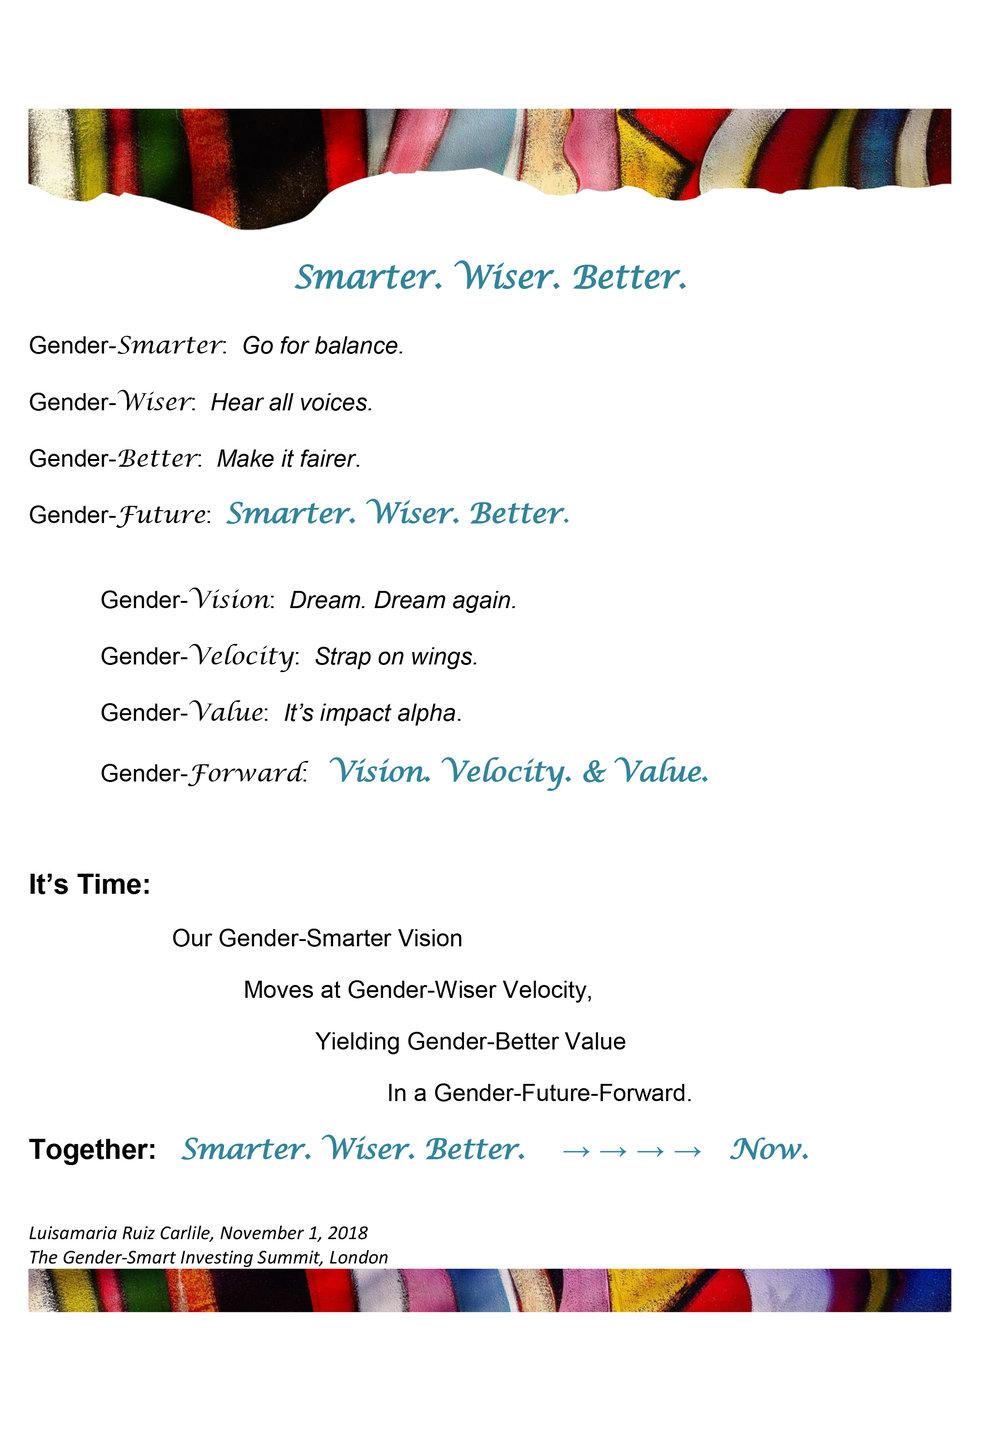 Gender-Smart_Investing_Summit_Poetry_LM Ruiz Carlile-4.jpg